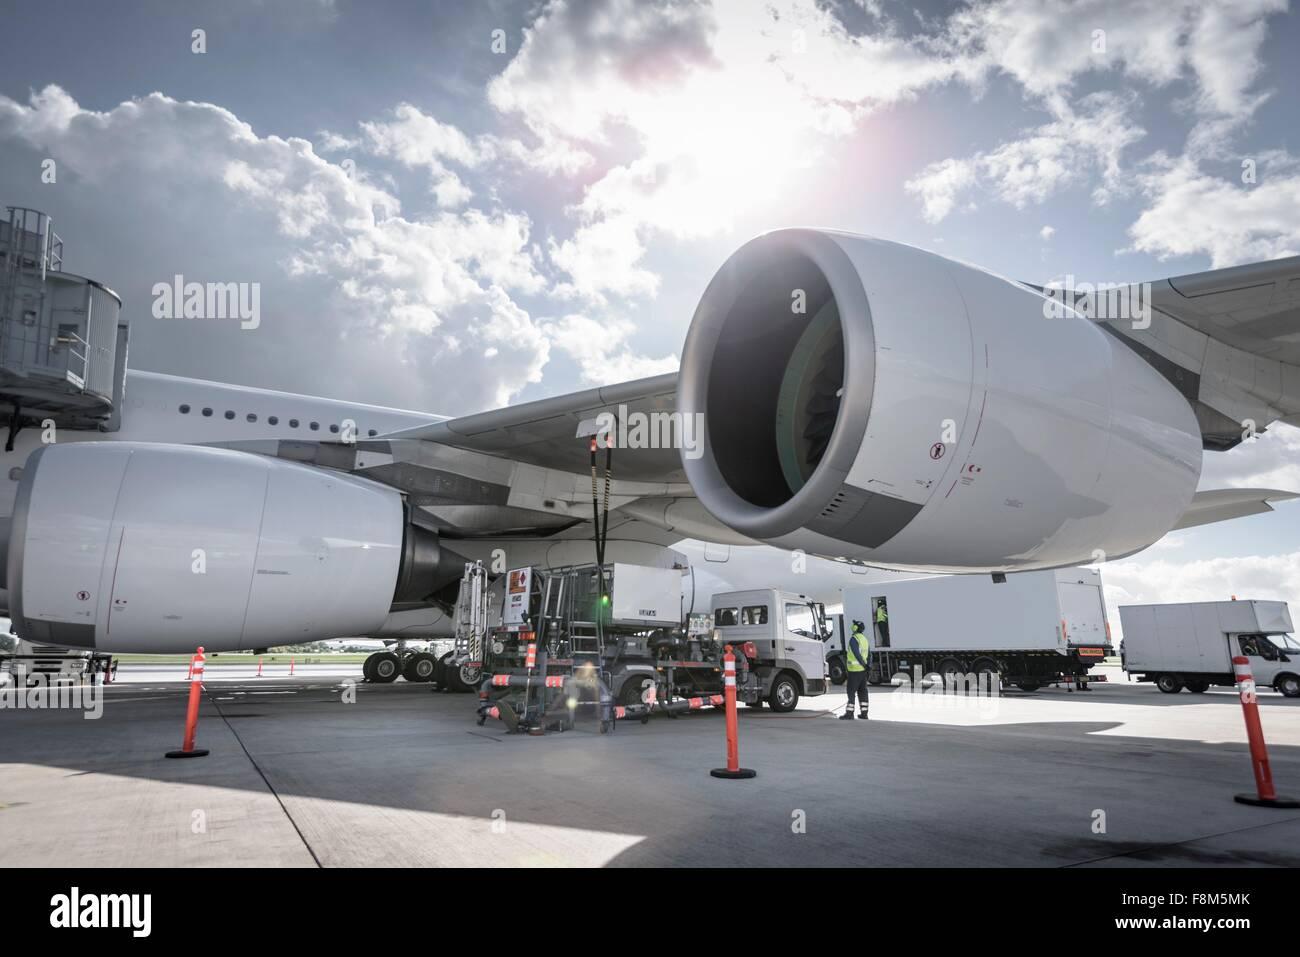 A380 être ravitaillé à l'aéroport Photo Stock